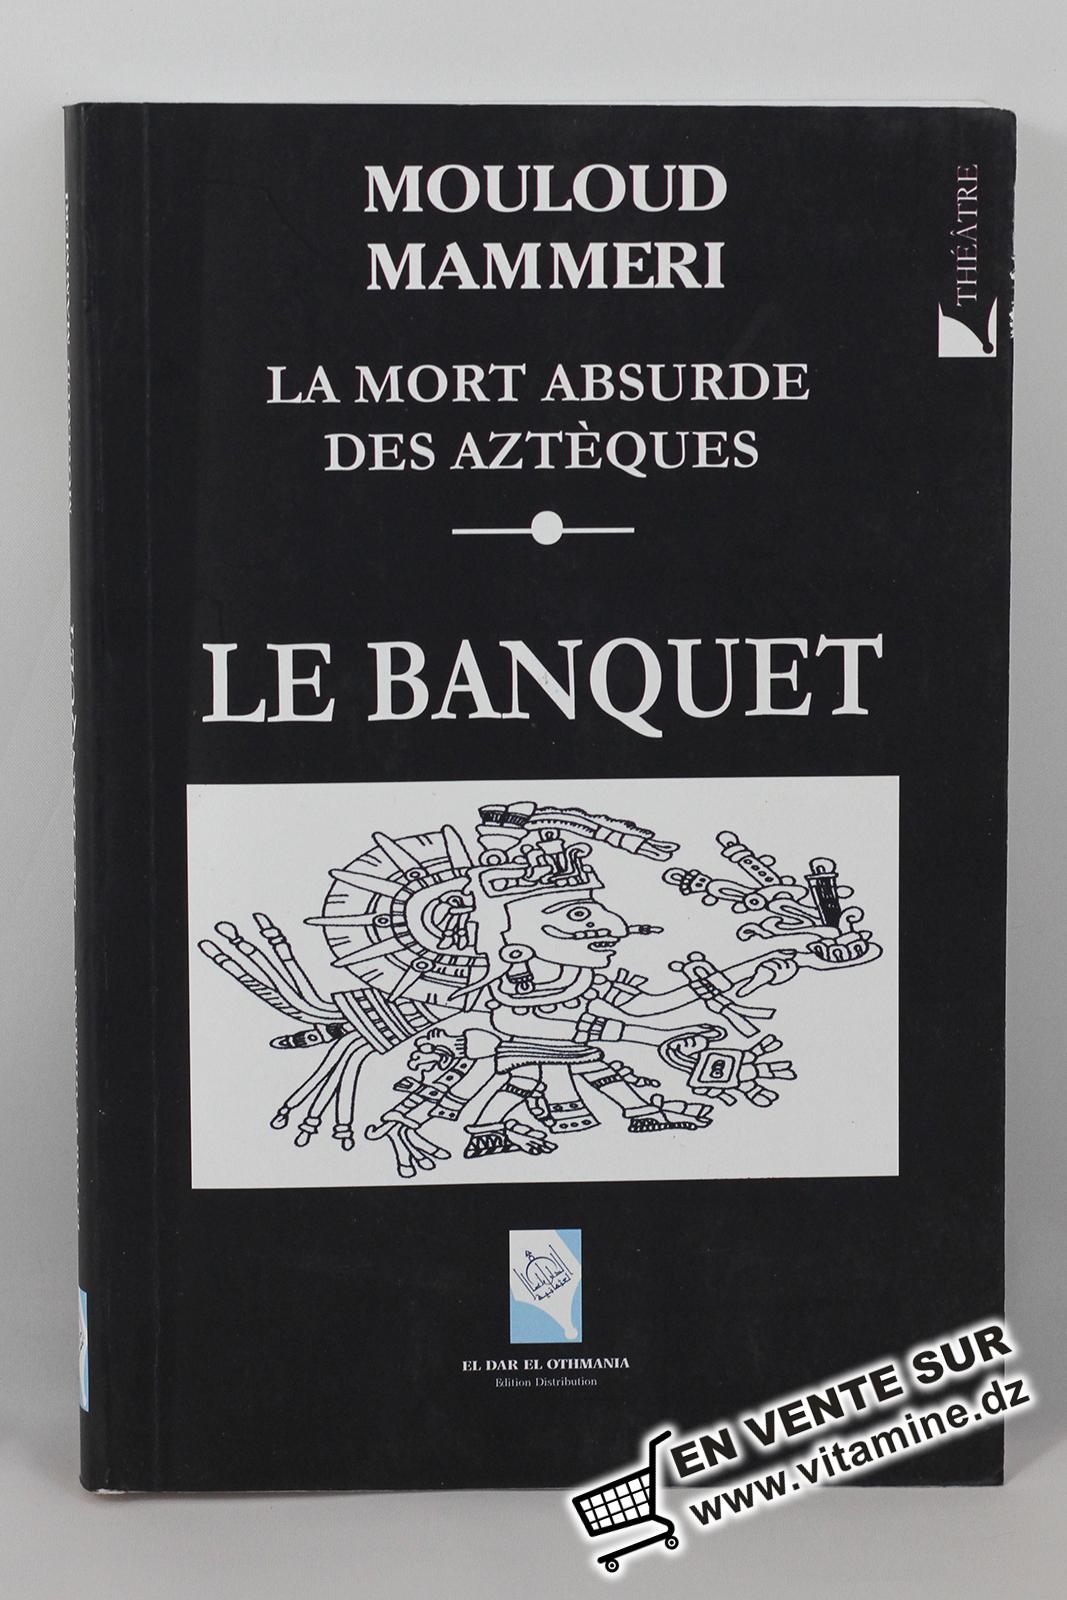 Mouloud Mammeri - Le Banquet, La mort absurde des Aztèques